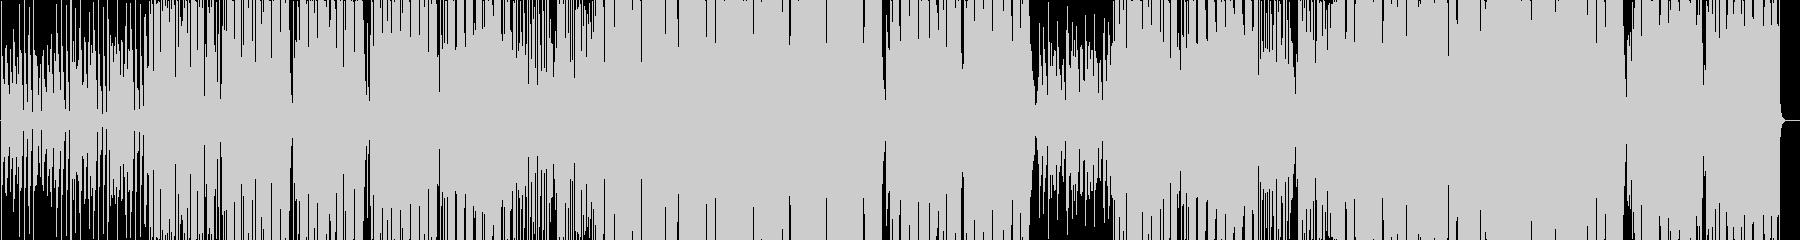 南国チルミュージックの未再生の波形